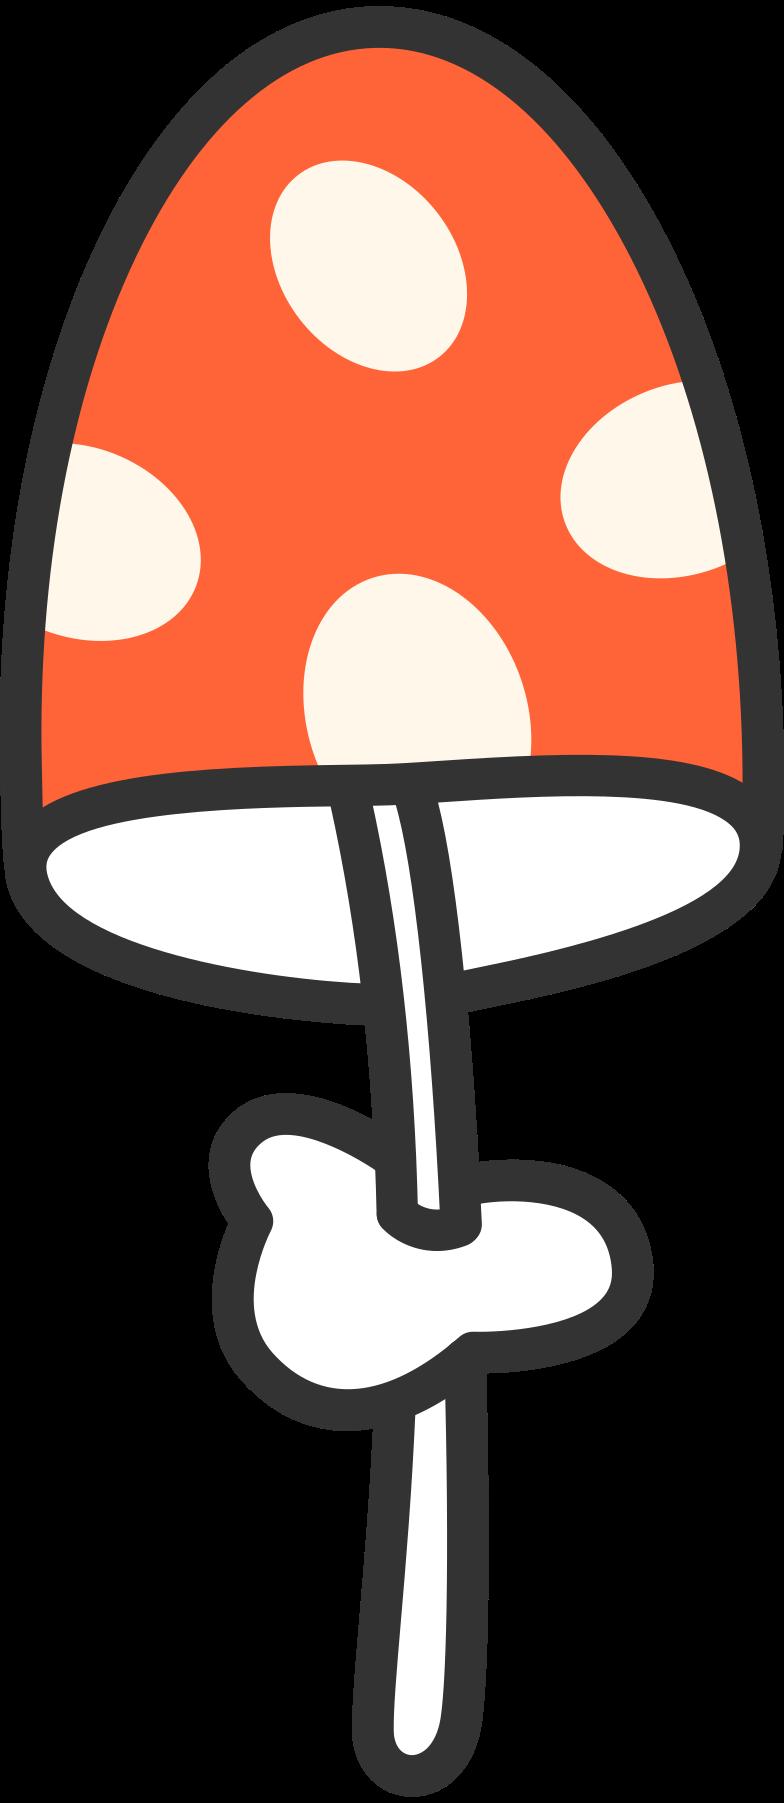 Fungo magico di halloween Illustrazione clipart in PNG, SVG